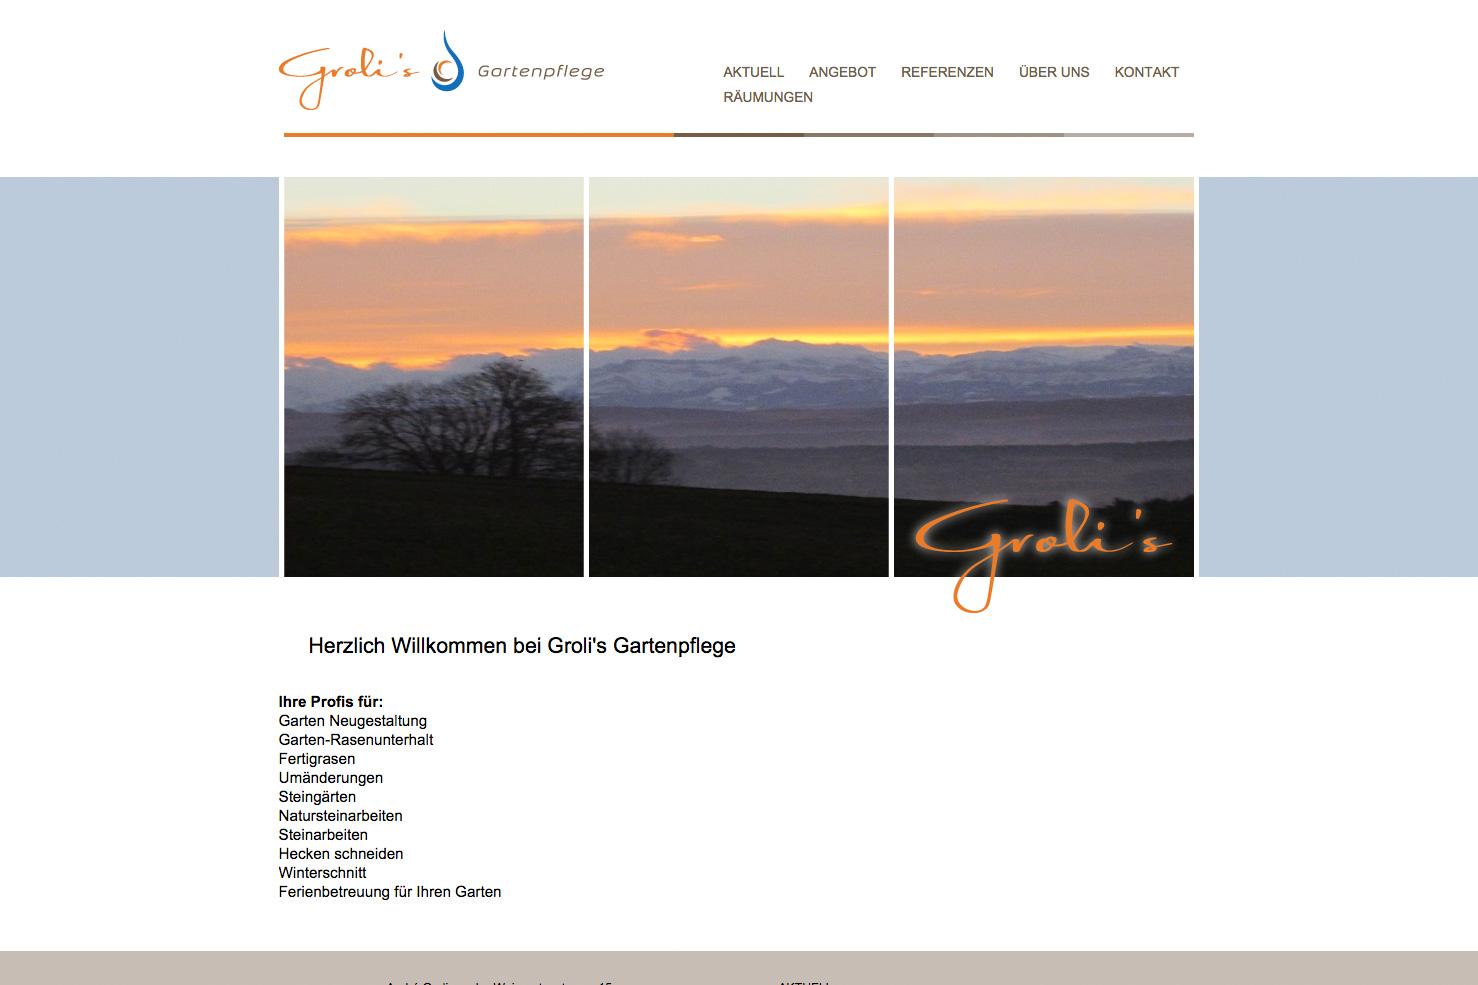 Bild 1 vom Groli's Gartenpflege Webseite